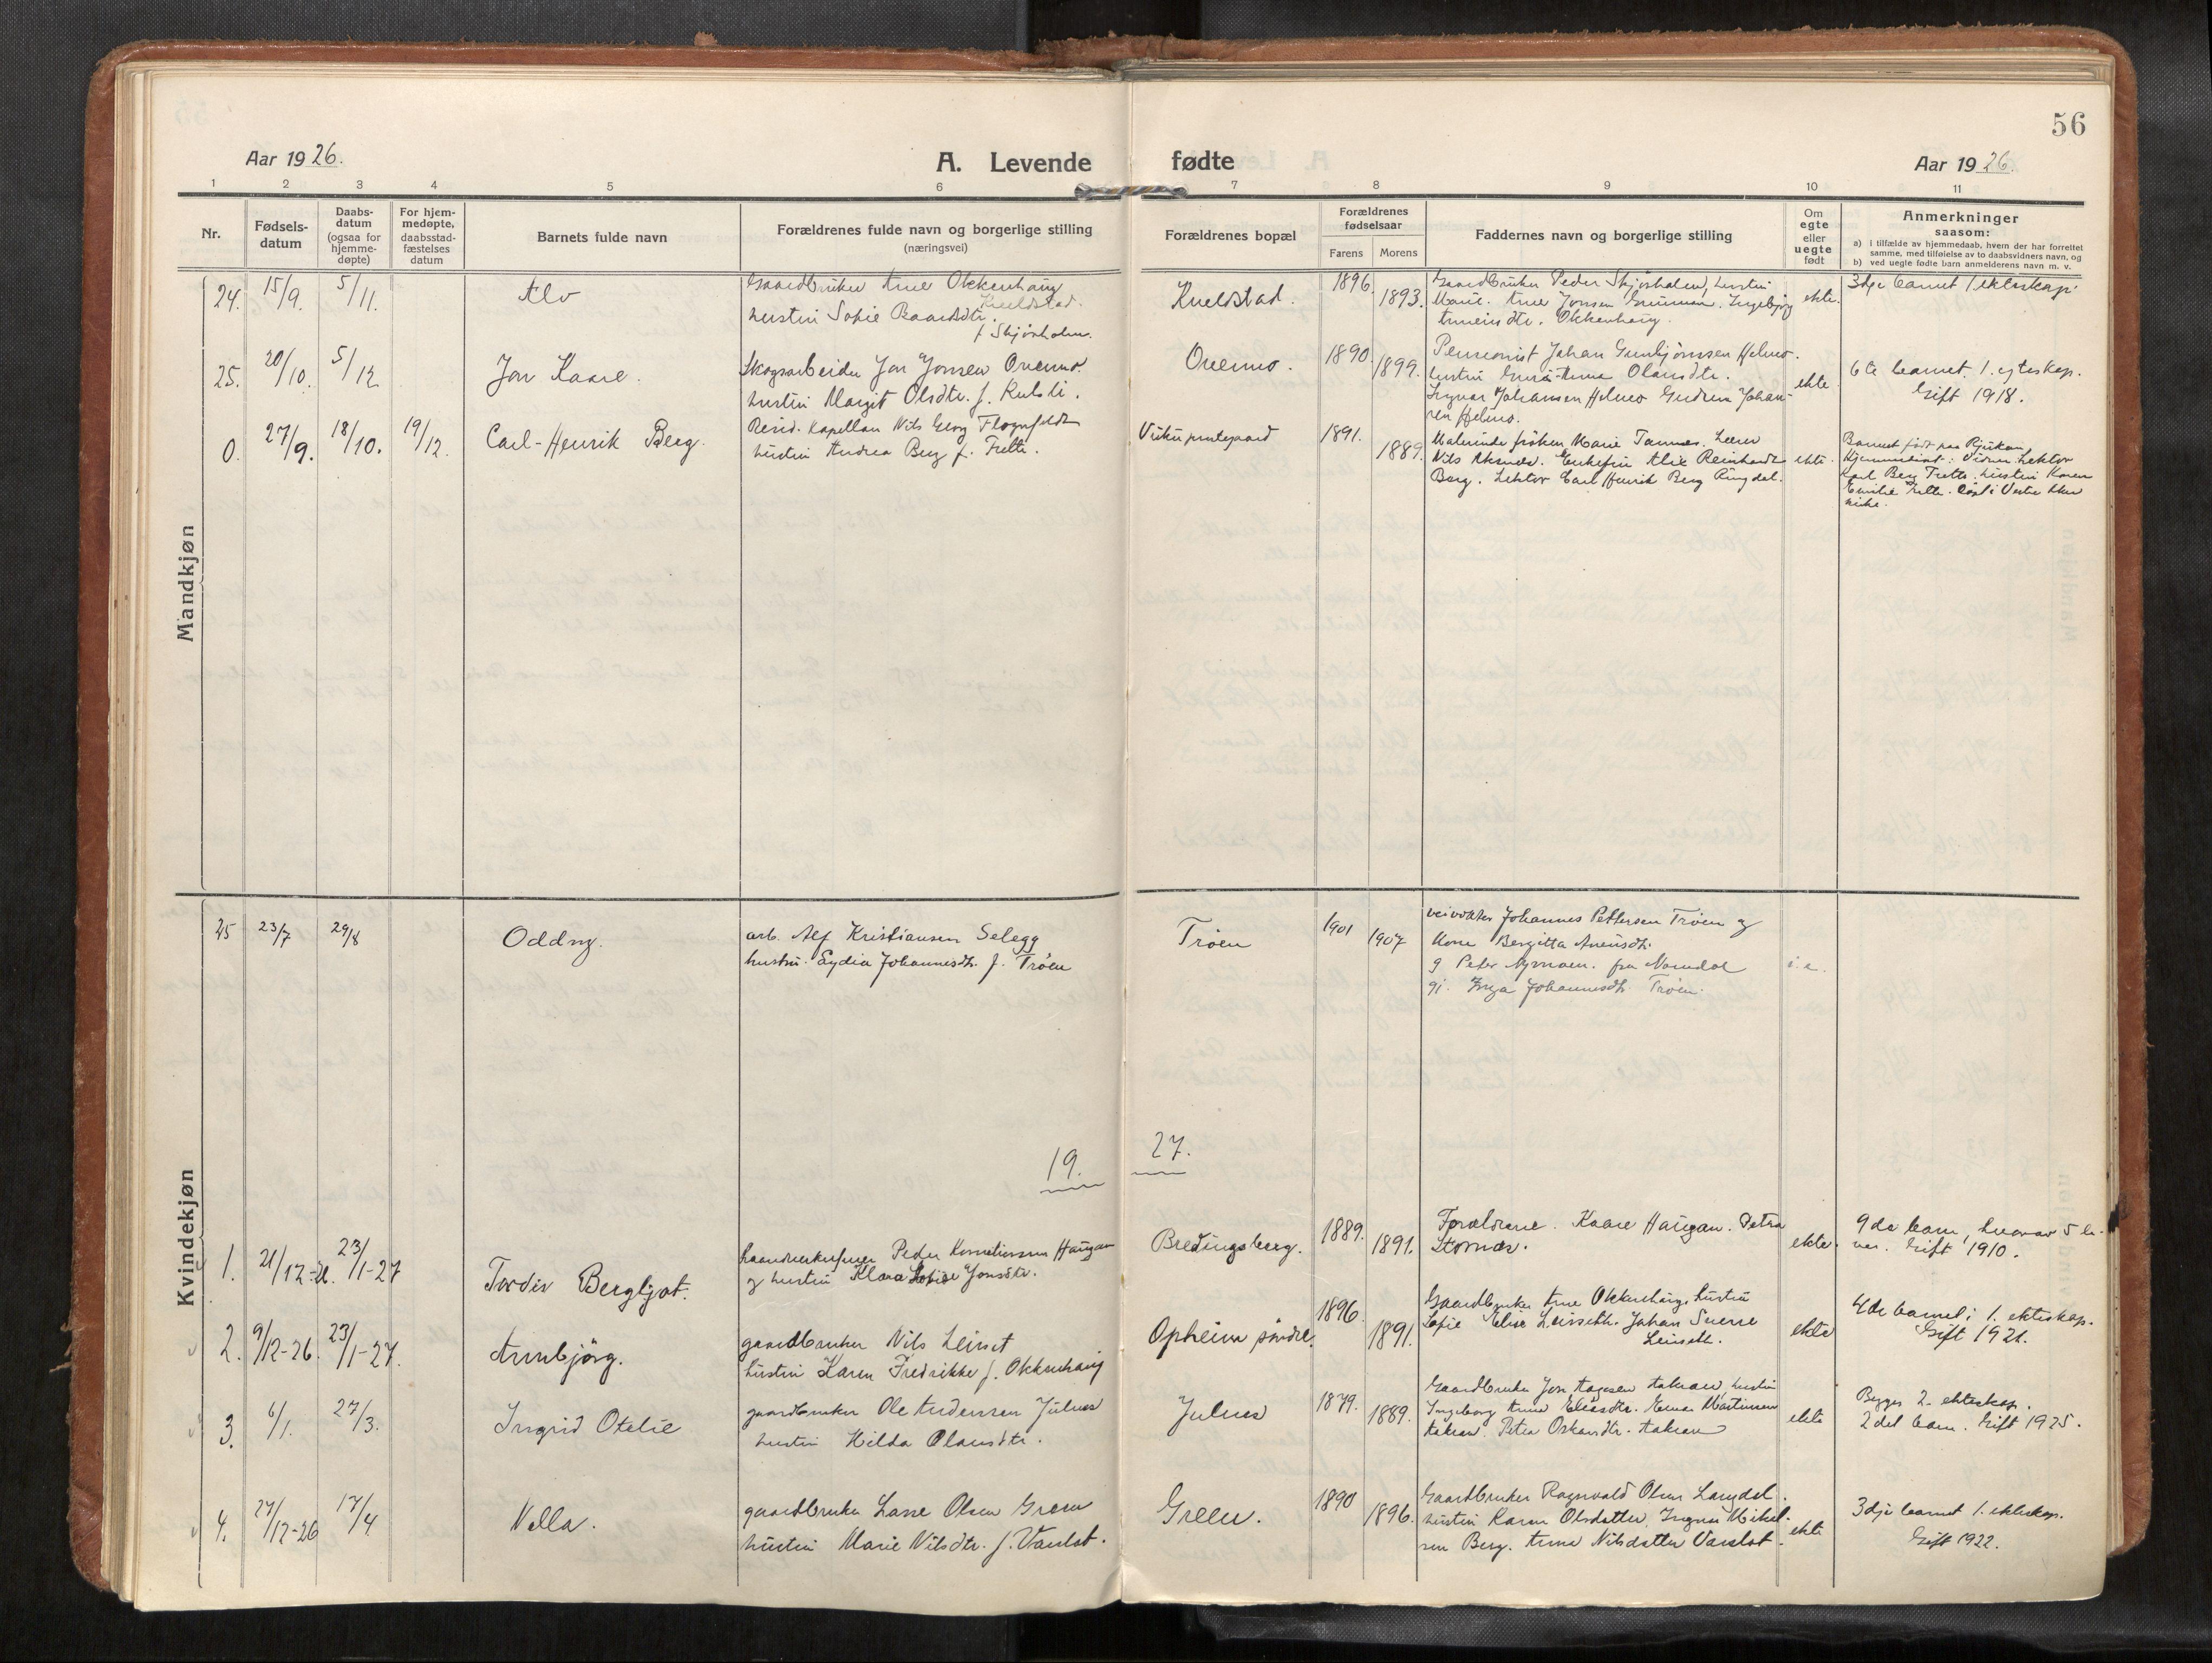 SAT, Verdal sokneprestkontor*, Parish register (official) no. 1, 1916-1928, p. 56